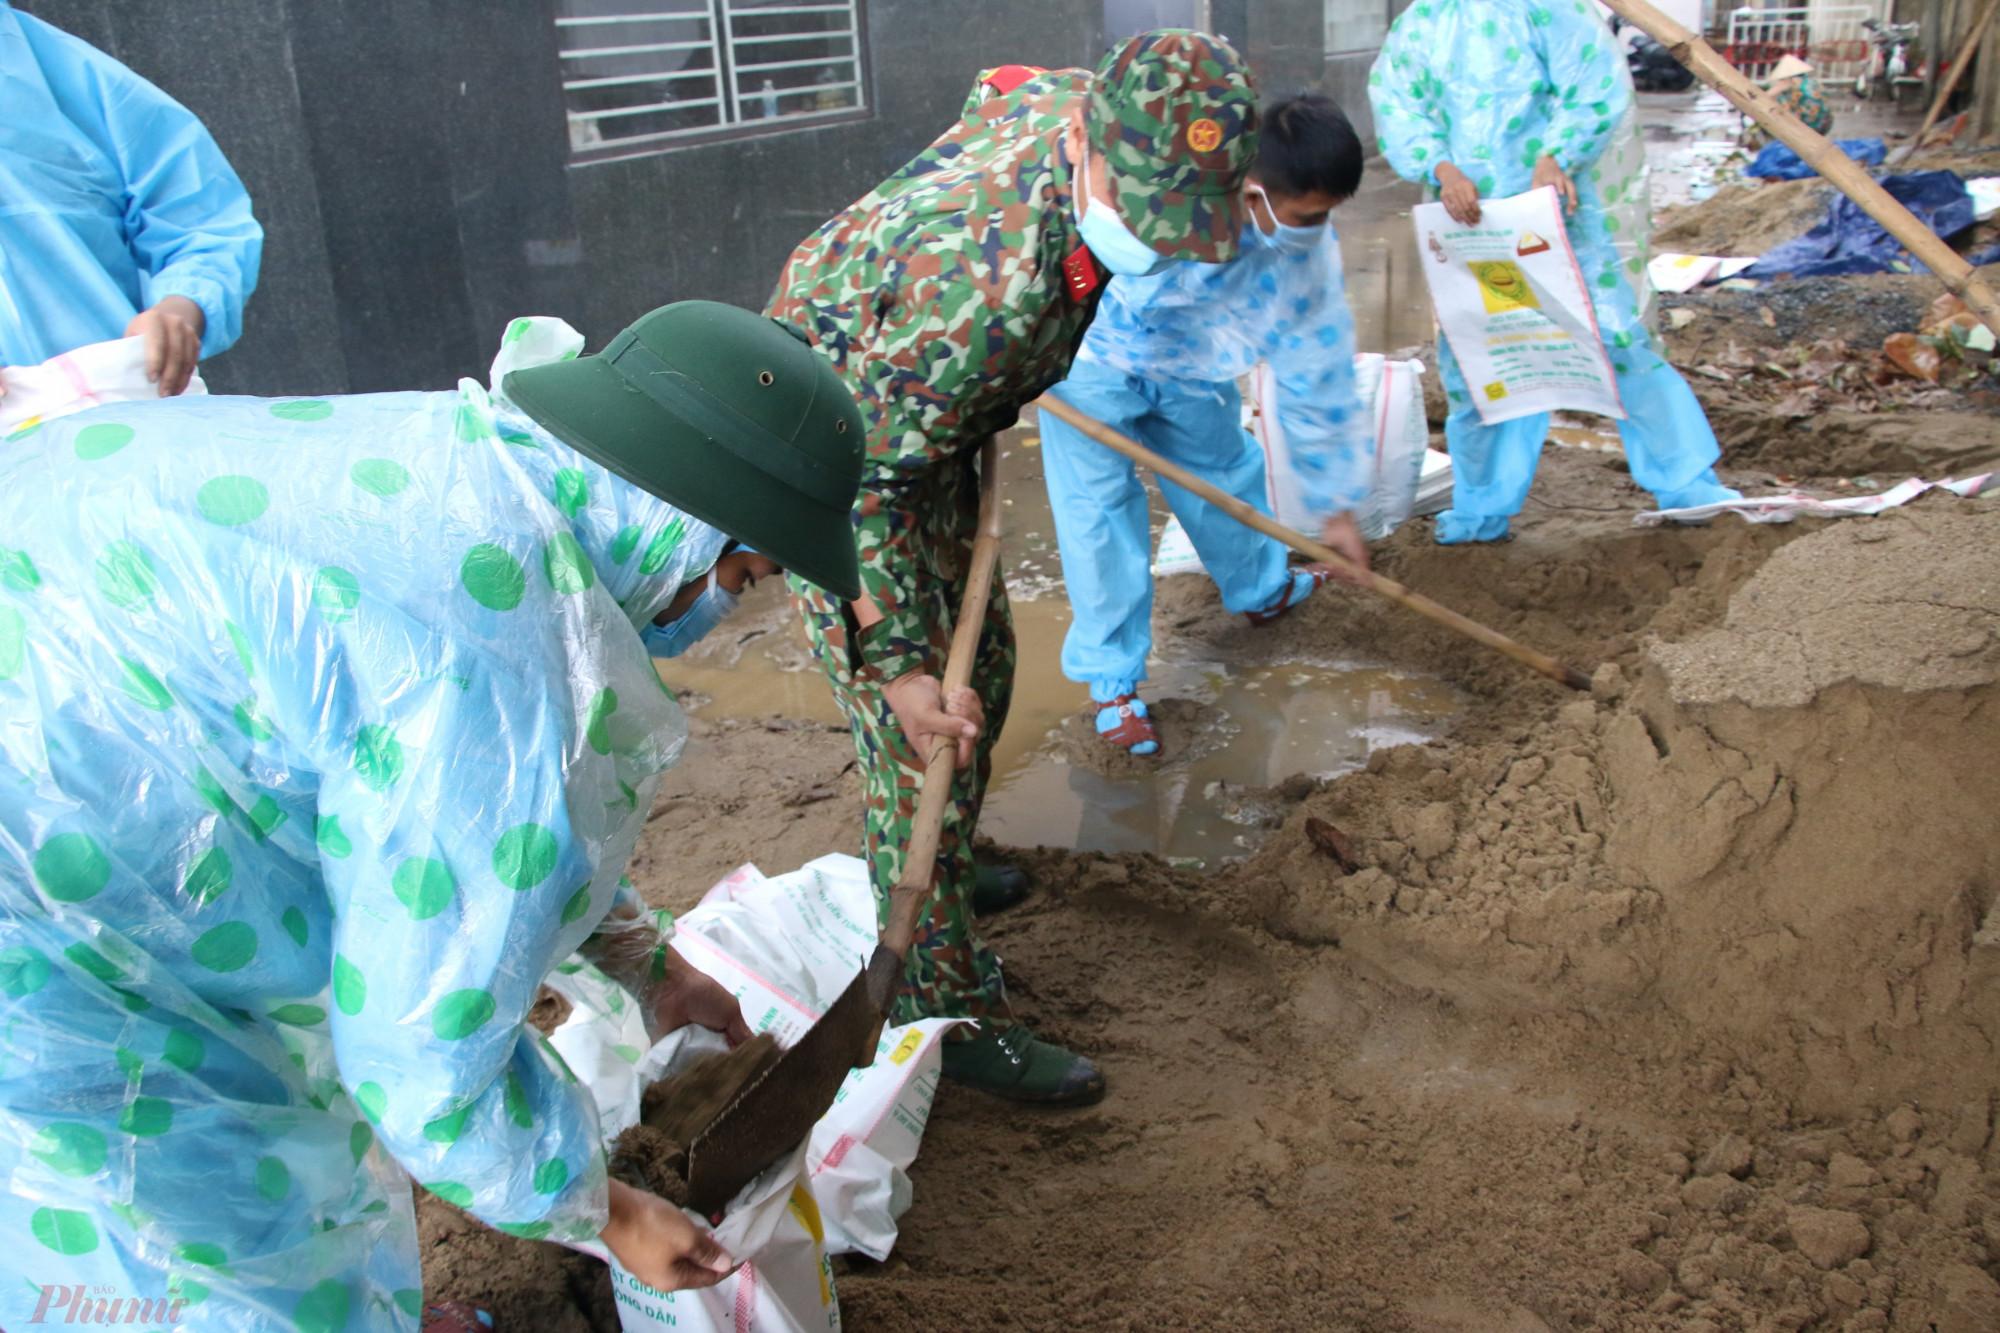 Lực lượng sẽ ưu tiên nhà có hoàn cảnh neo đơn, người già, phụ nữ và trẻ em để chằng chống bằng bao cát, cố định bằng dây thừng.